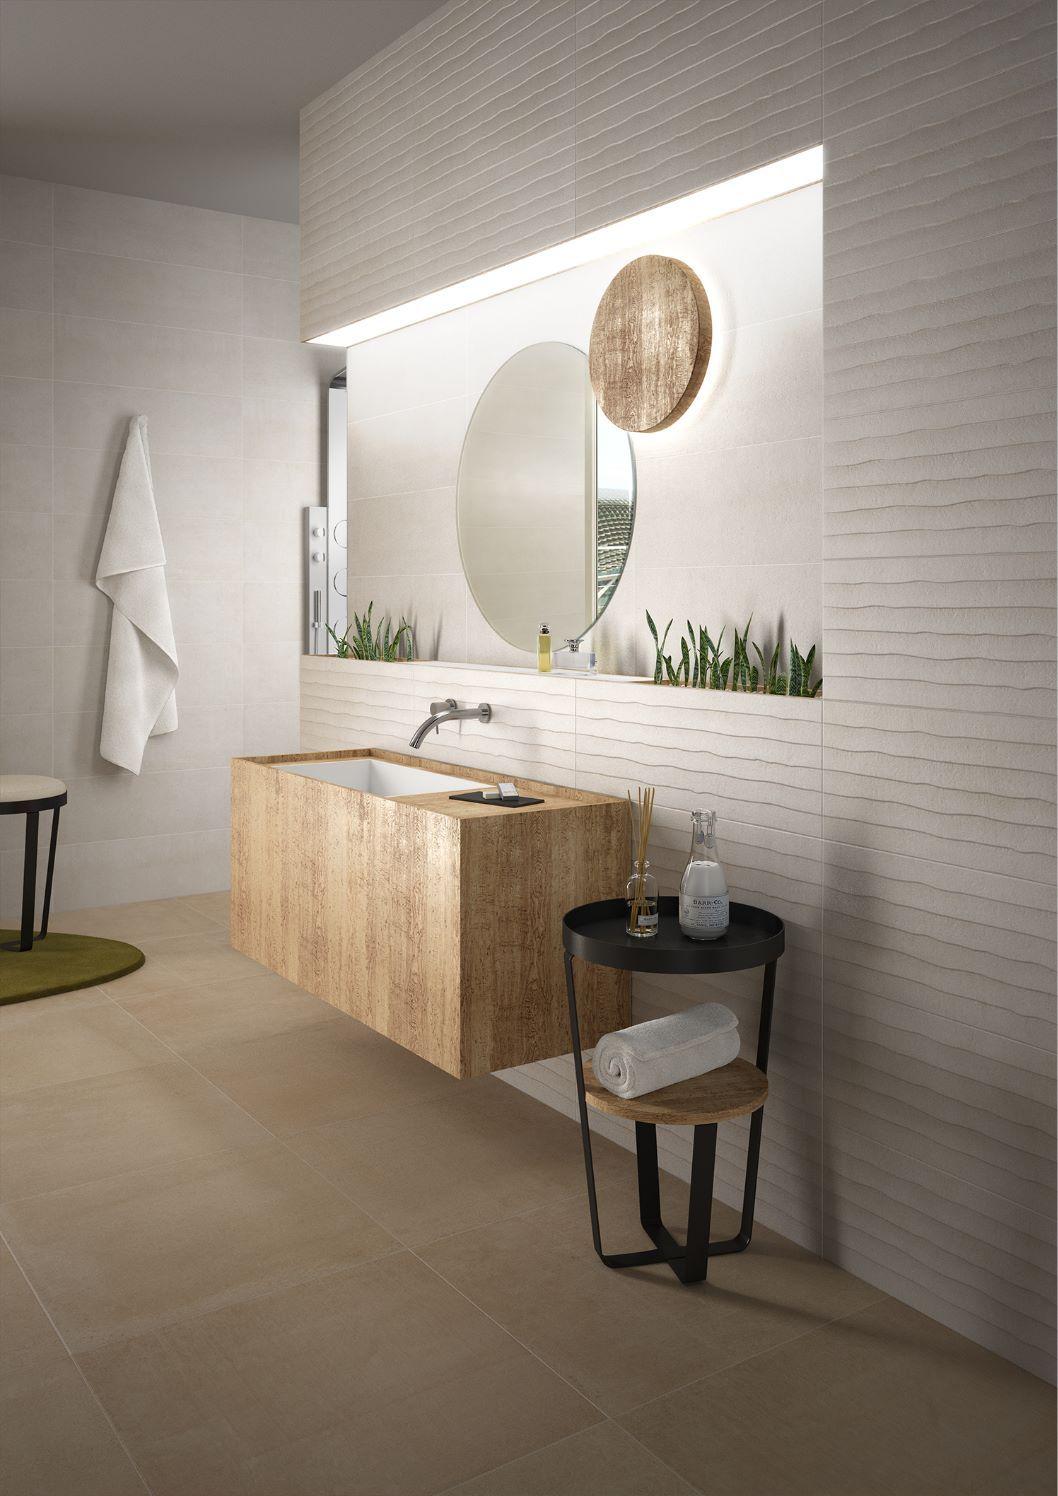 Cerámica Saloni | Pavimentos, revestimientos, azulejos, baño y ...